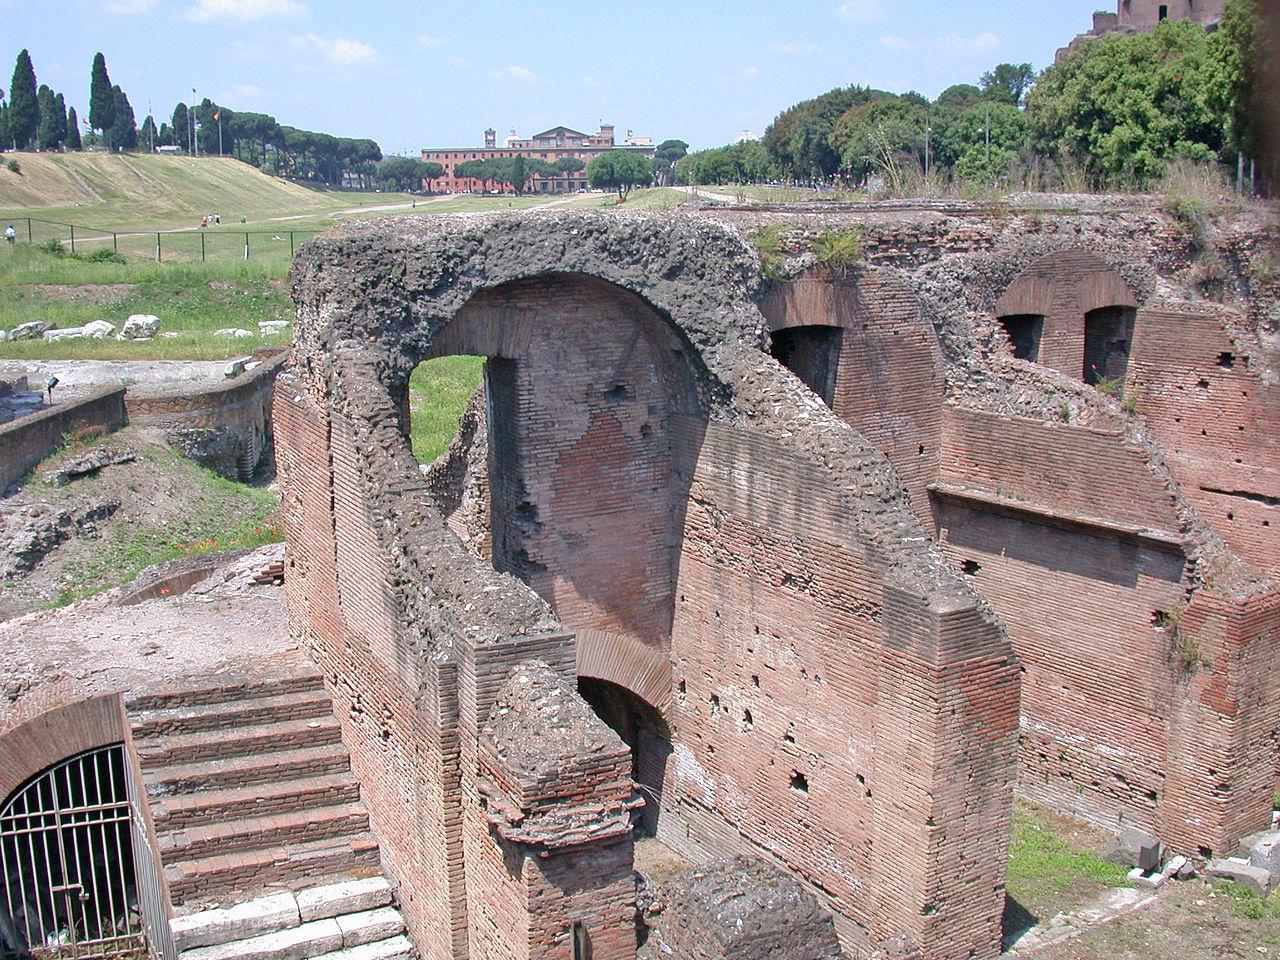 The Unusual Italy - Il Circo Massimo